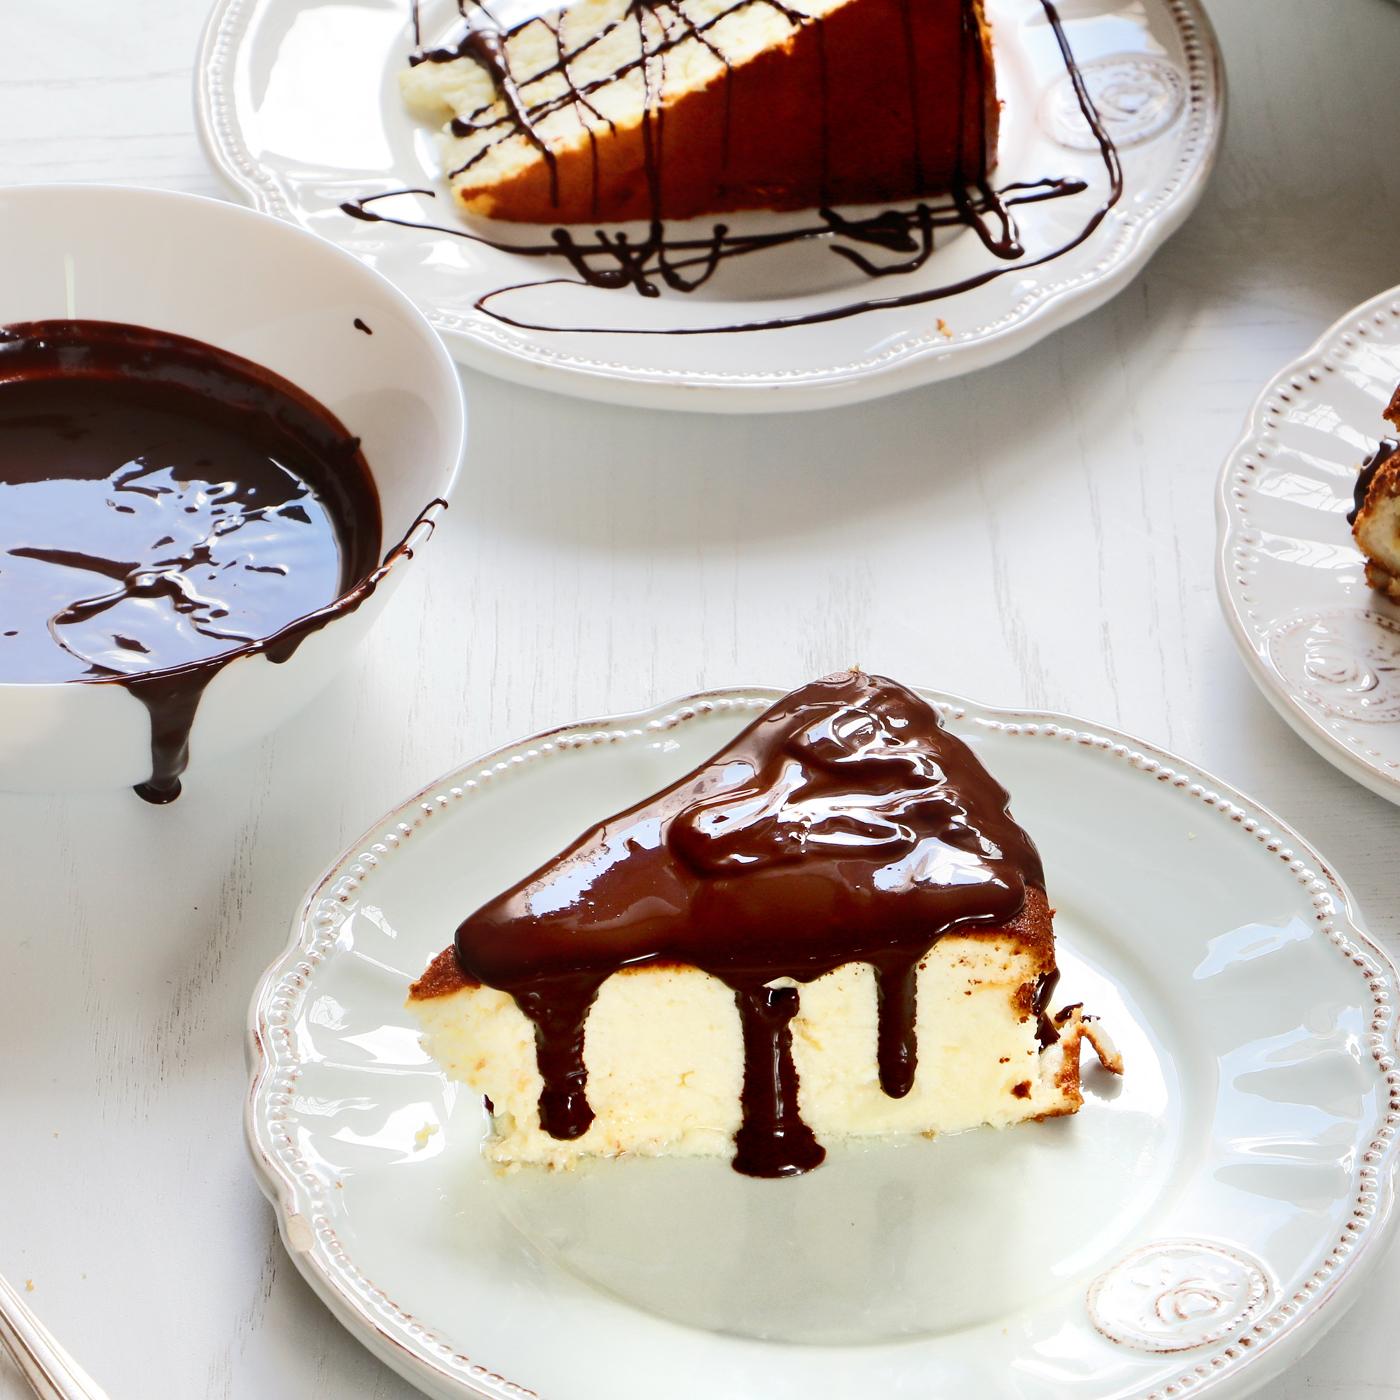 עוגת גבינה דיאטטית